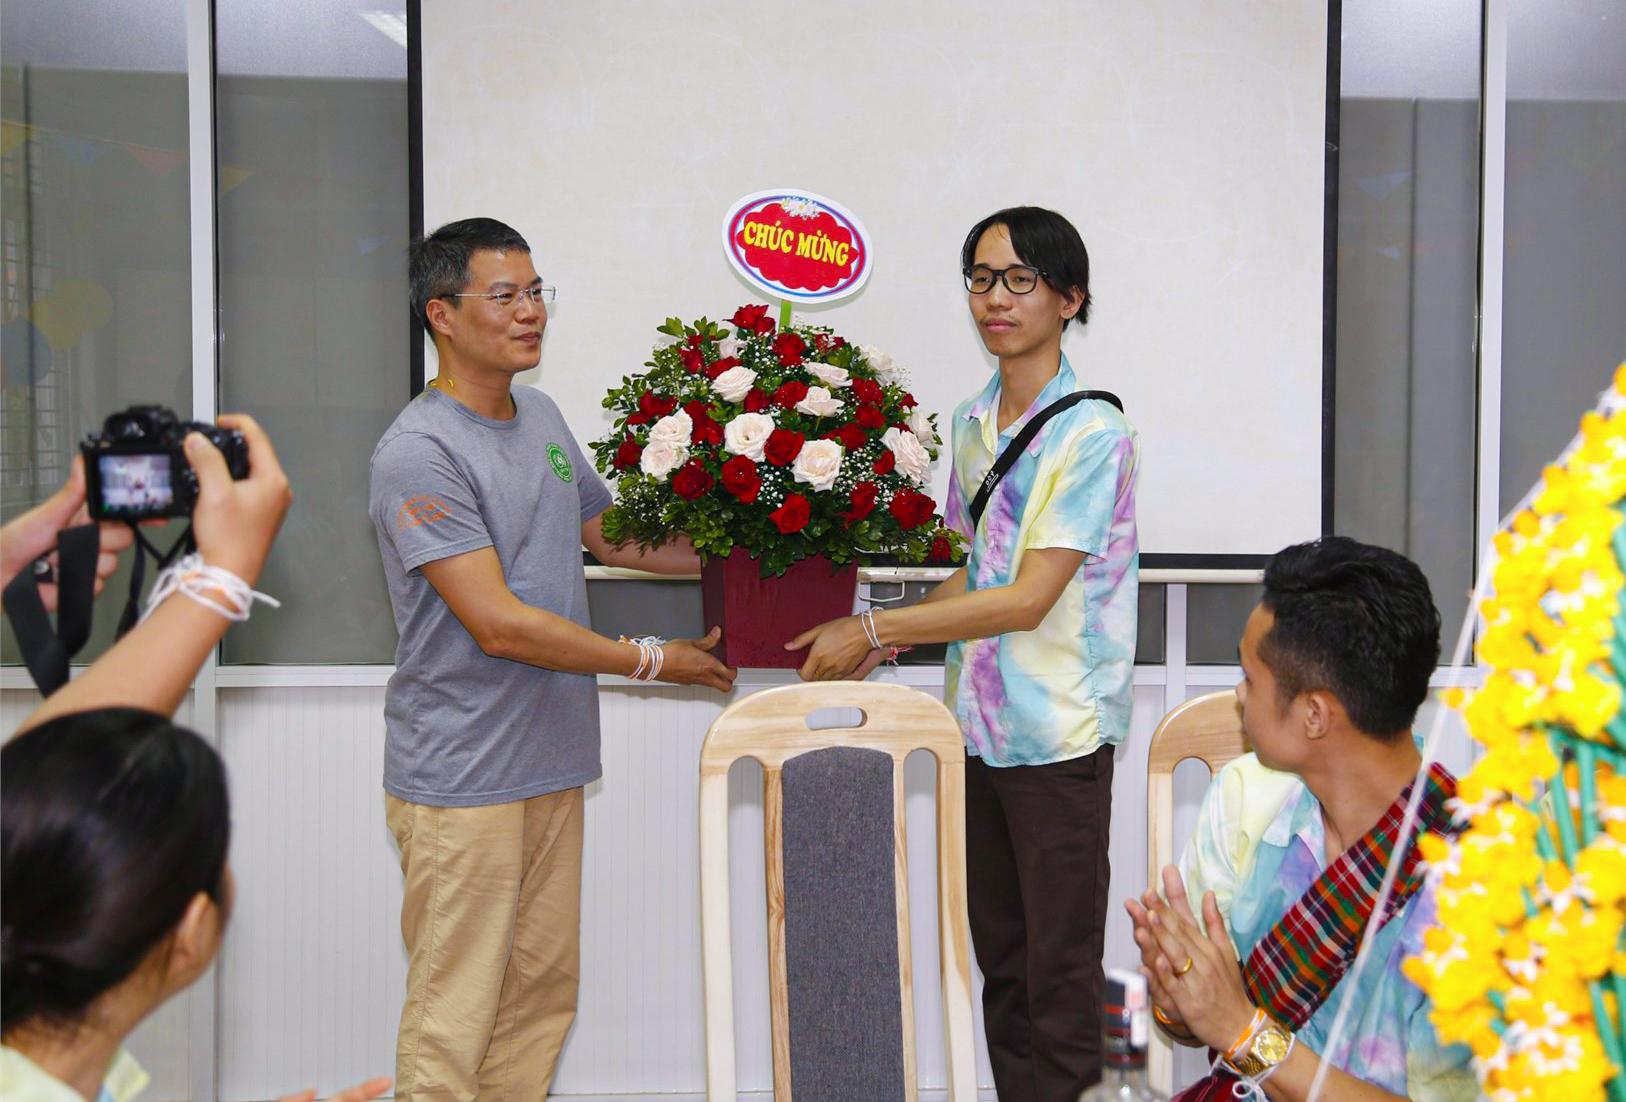 Lưu học sinh Lào vui tết cổ truyền tại trường Đại học Công nghiệp Hà Nội